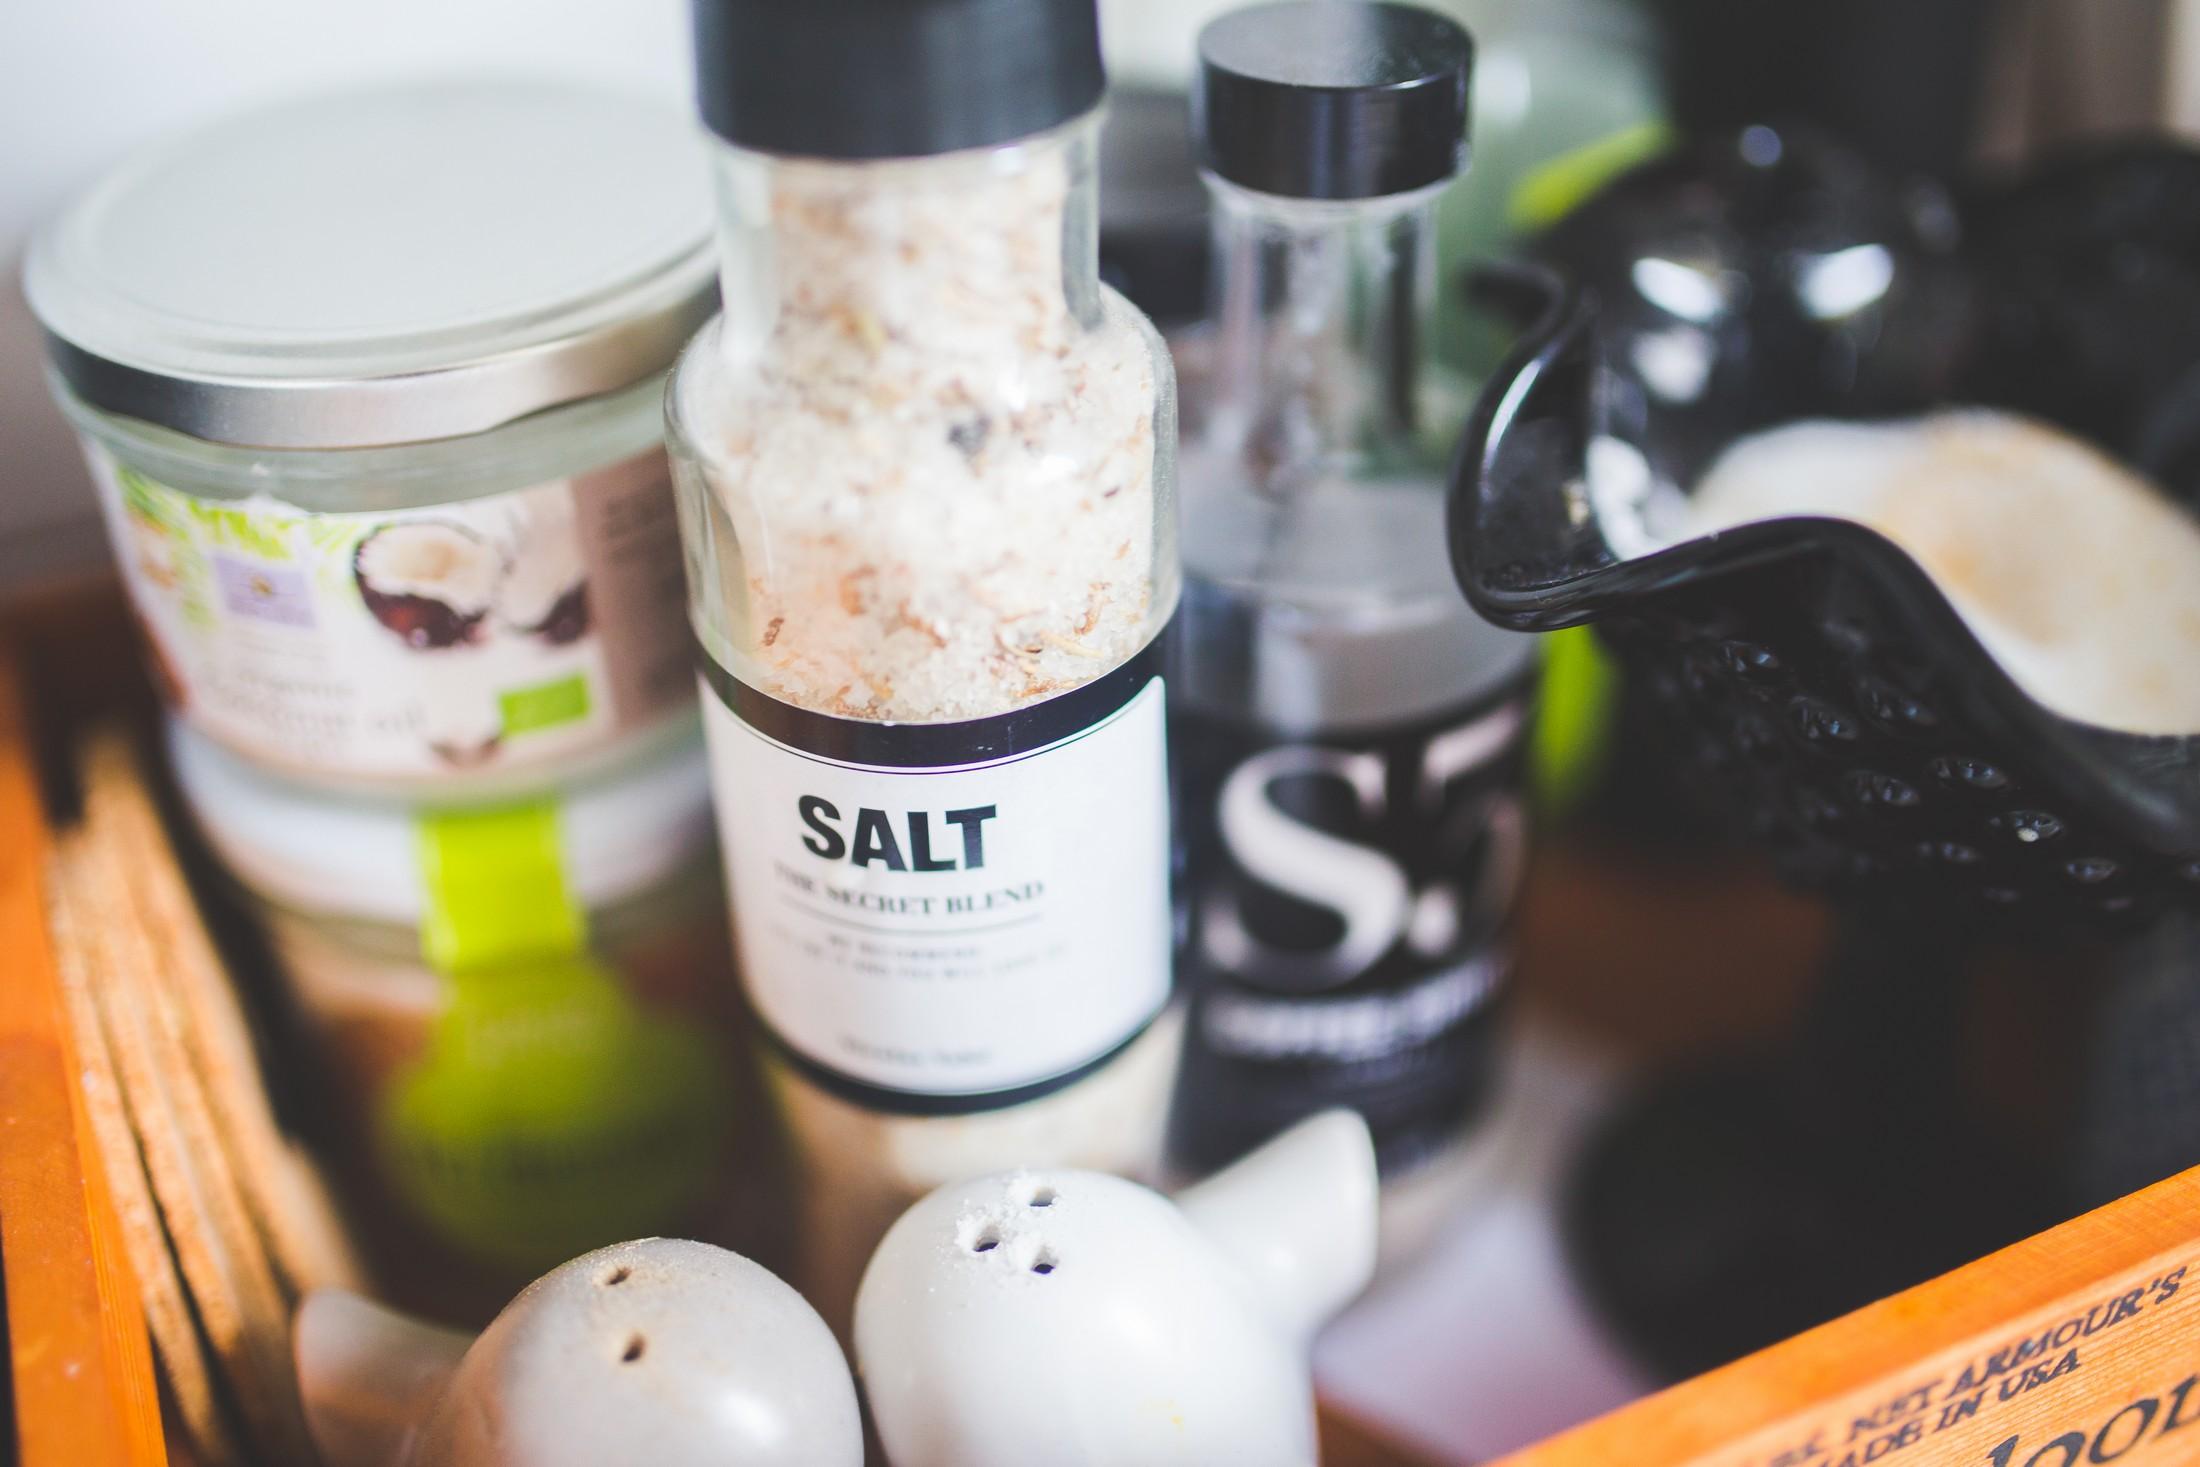 Sal y especias en la cocina - Pexels